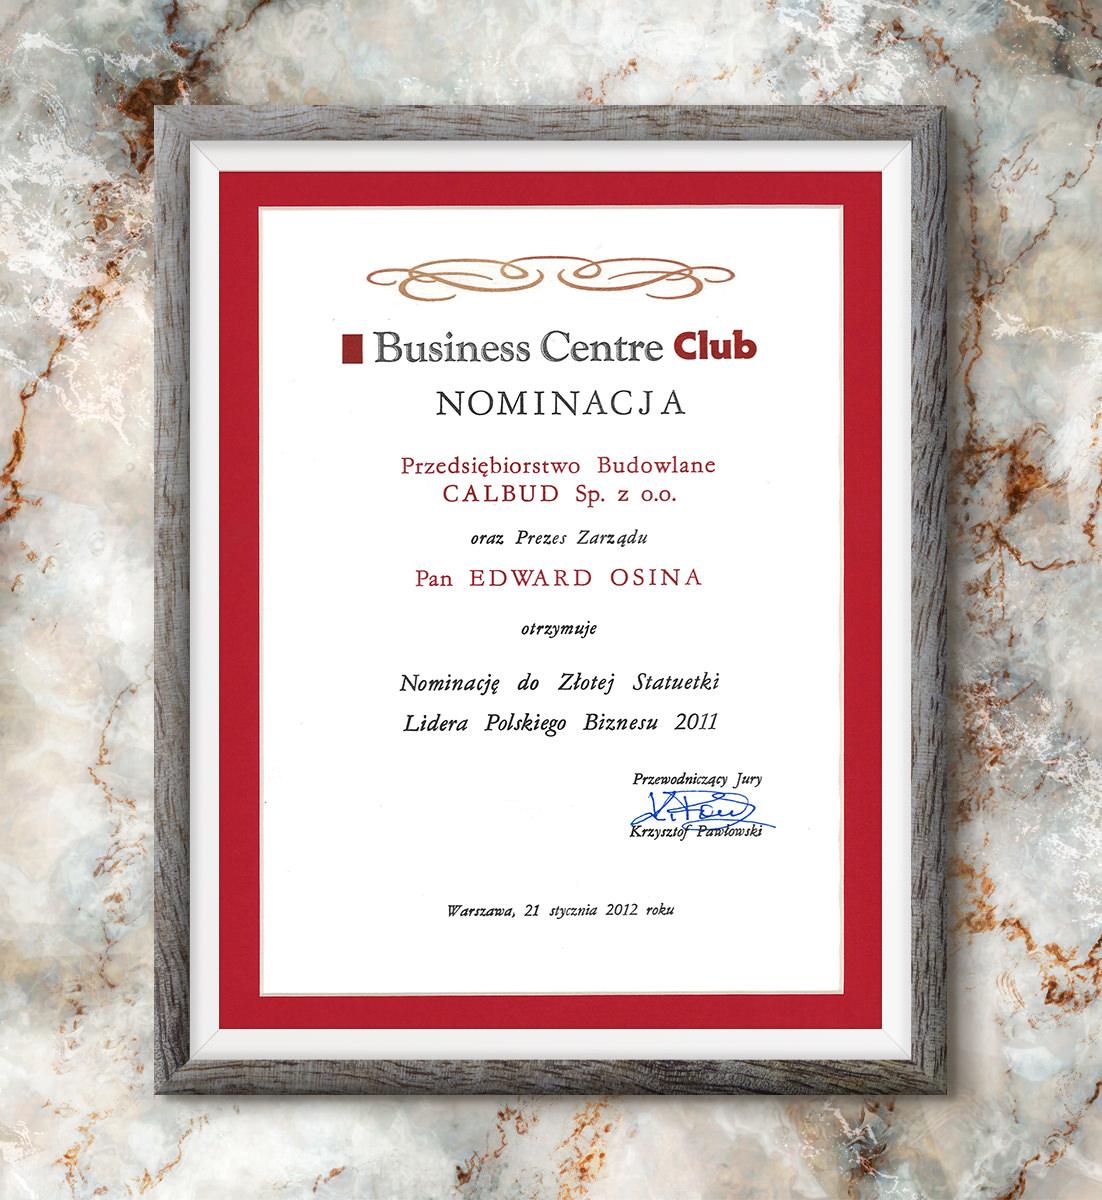 Nominacja do Złotej Statuetki Lidera Polskiego Biznesu 2011